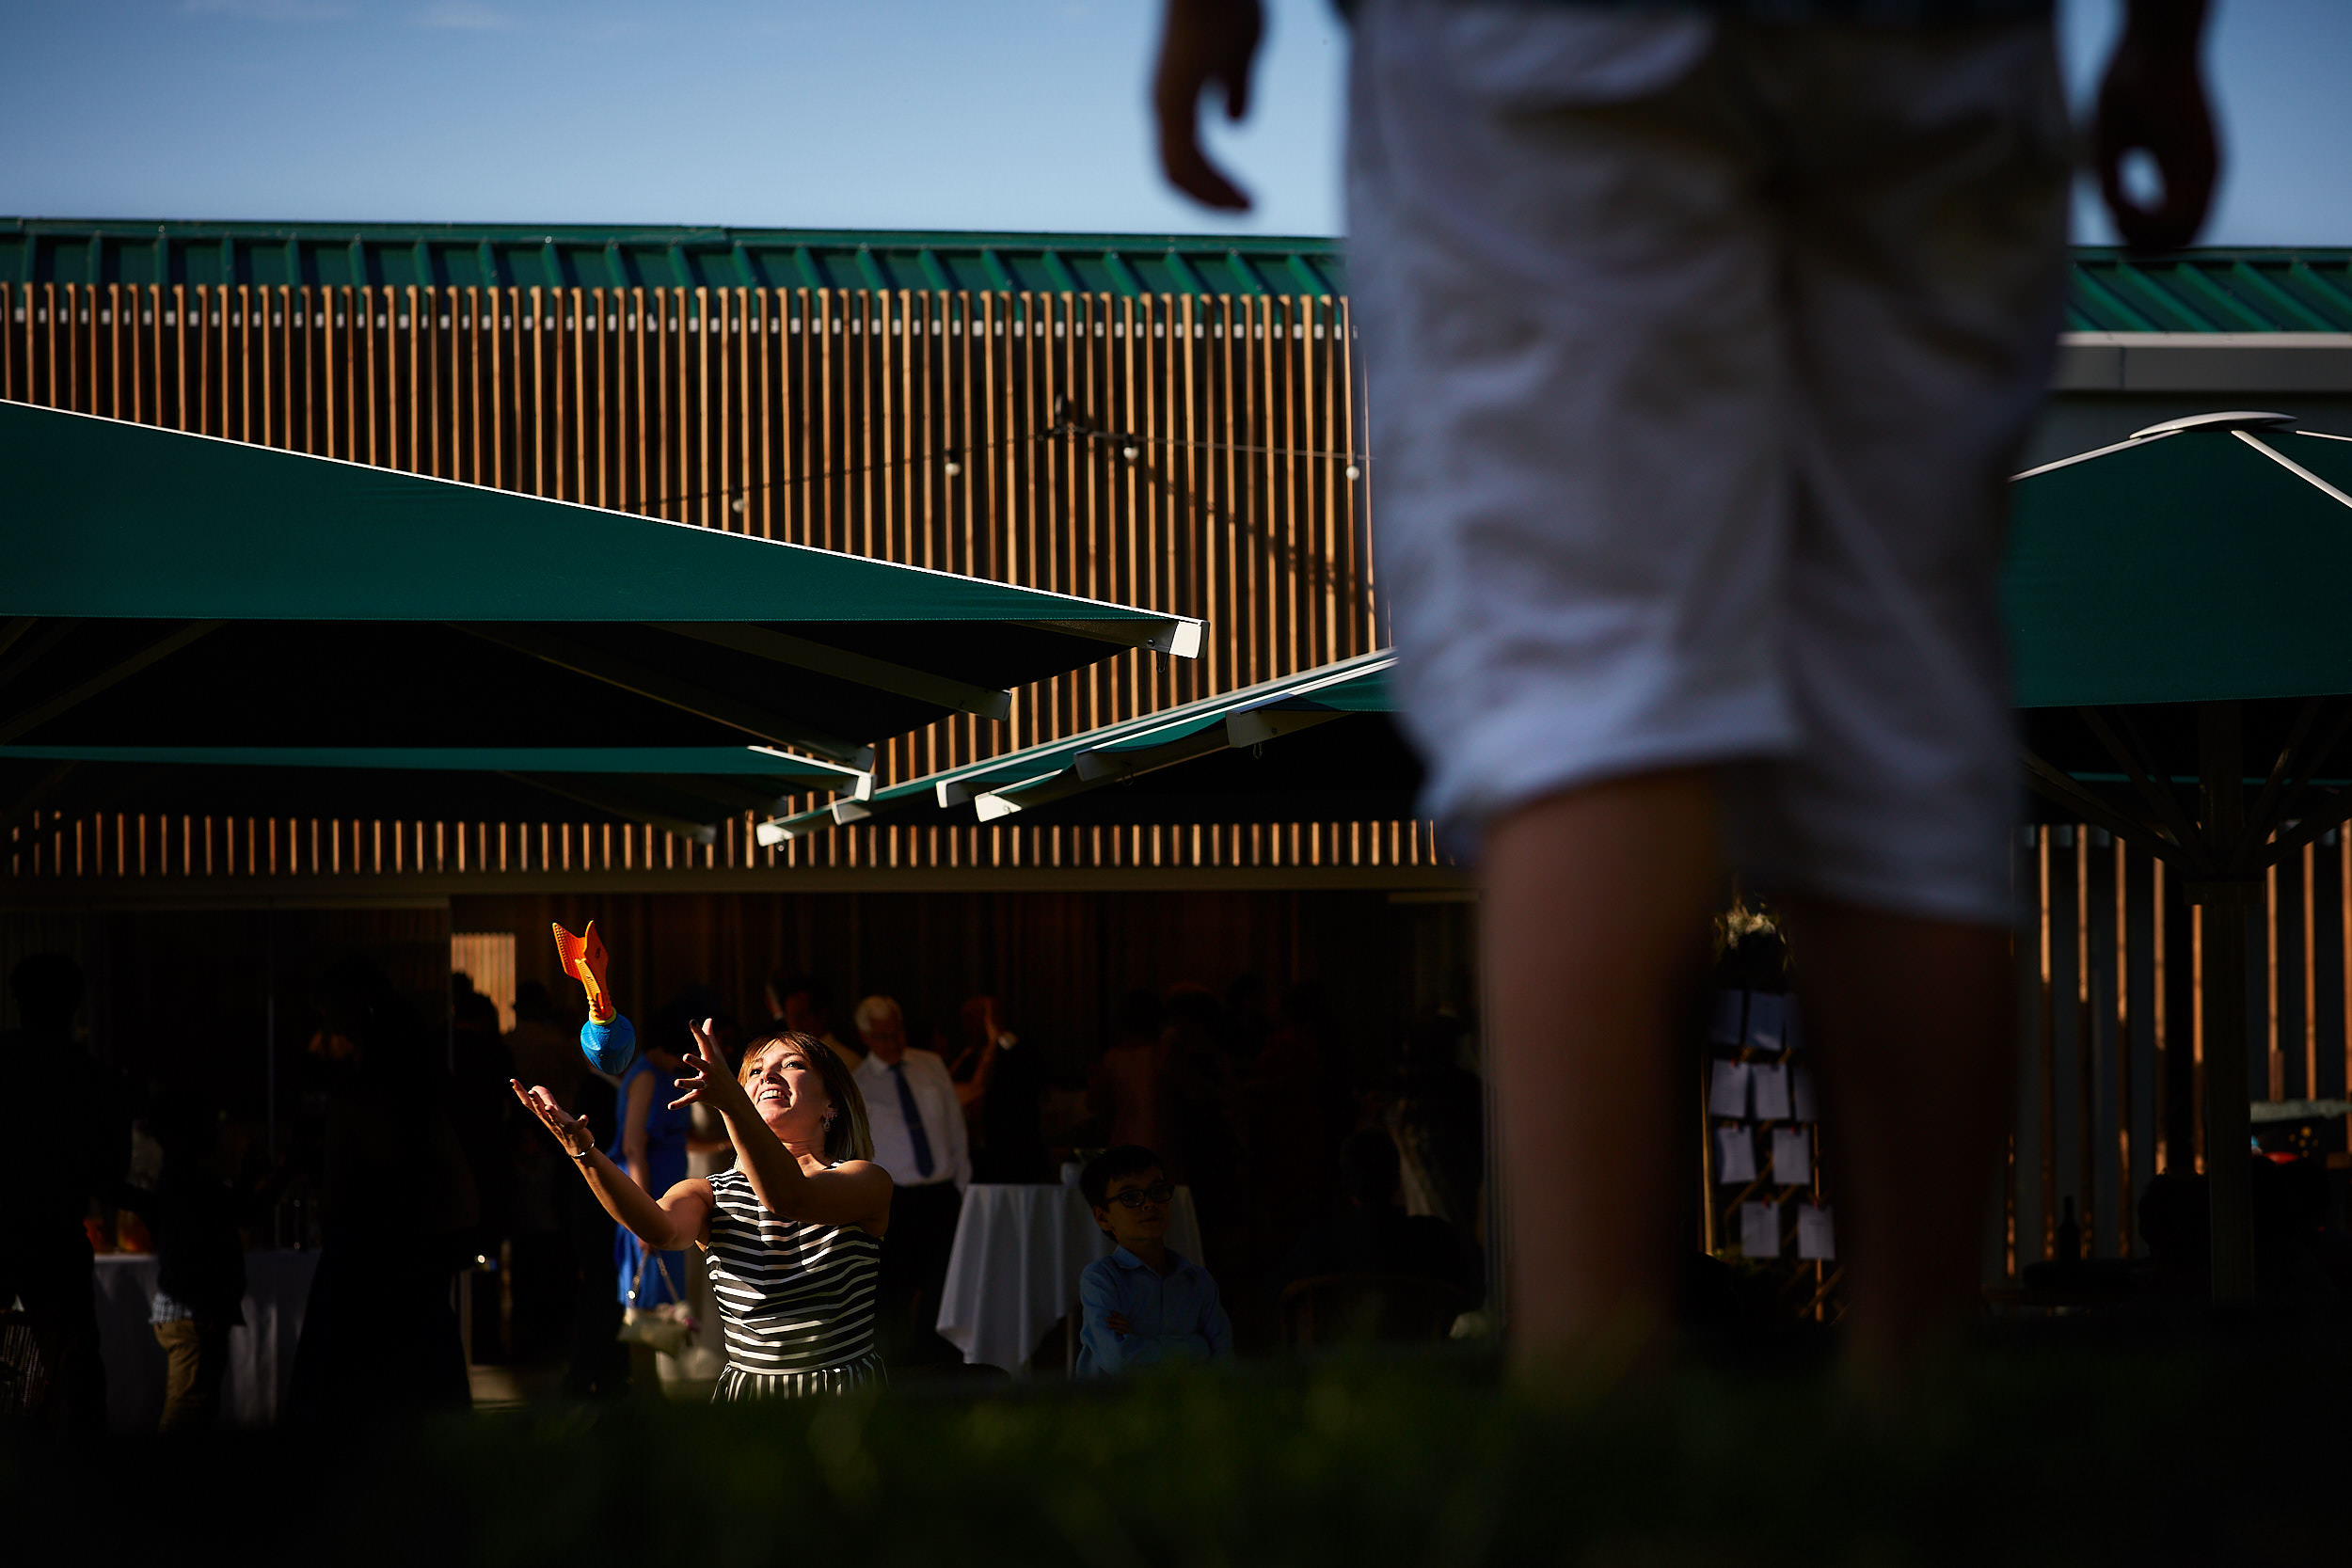 16/6/18 Mariló y Miguel, La Arboleda del Echaurren, Ezcaray, La Rioja, Spain. Photo by James Sturcke | sturcke.org